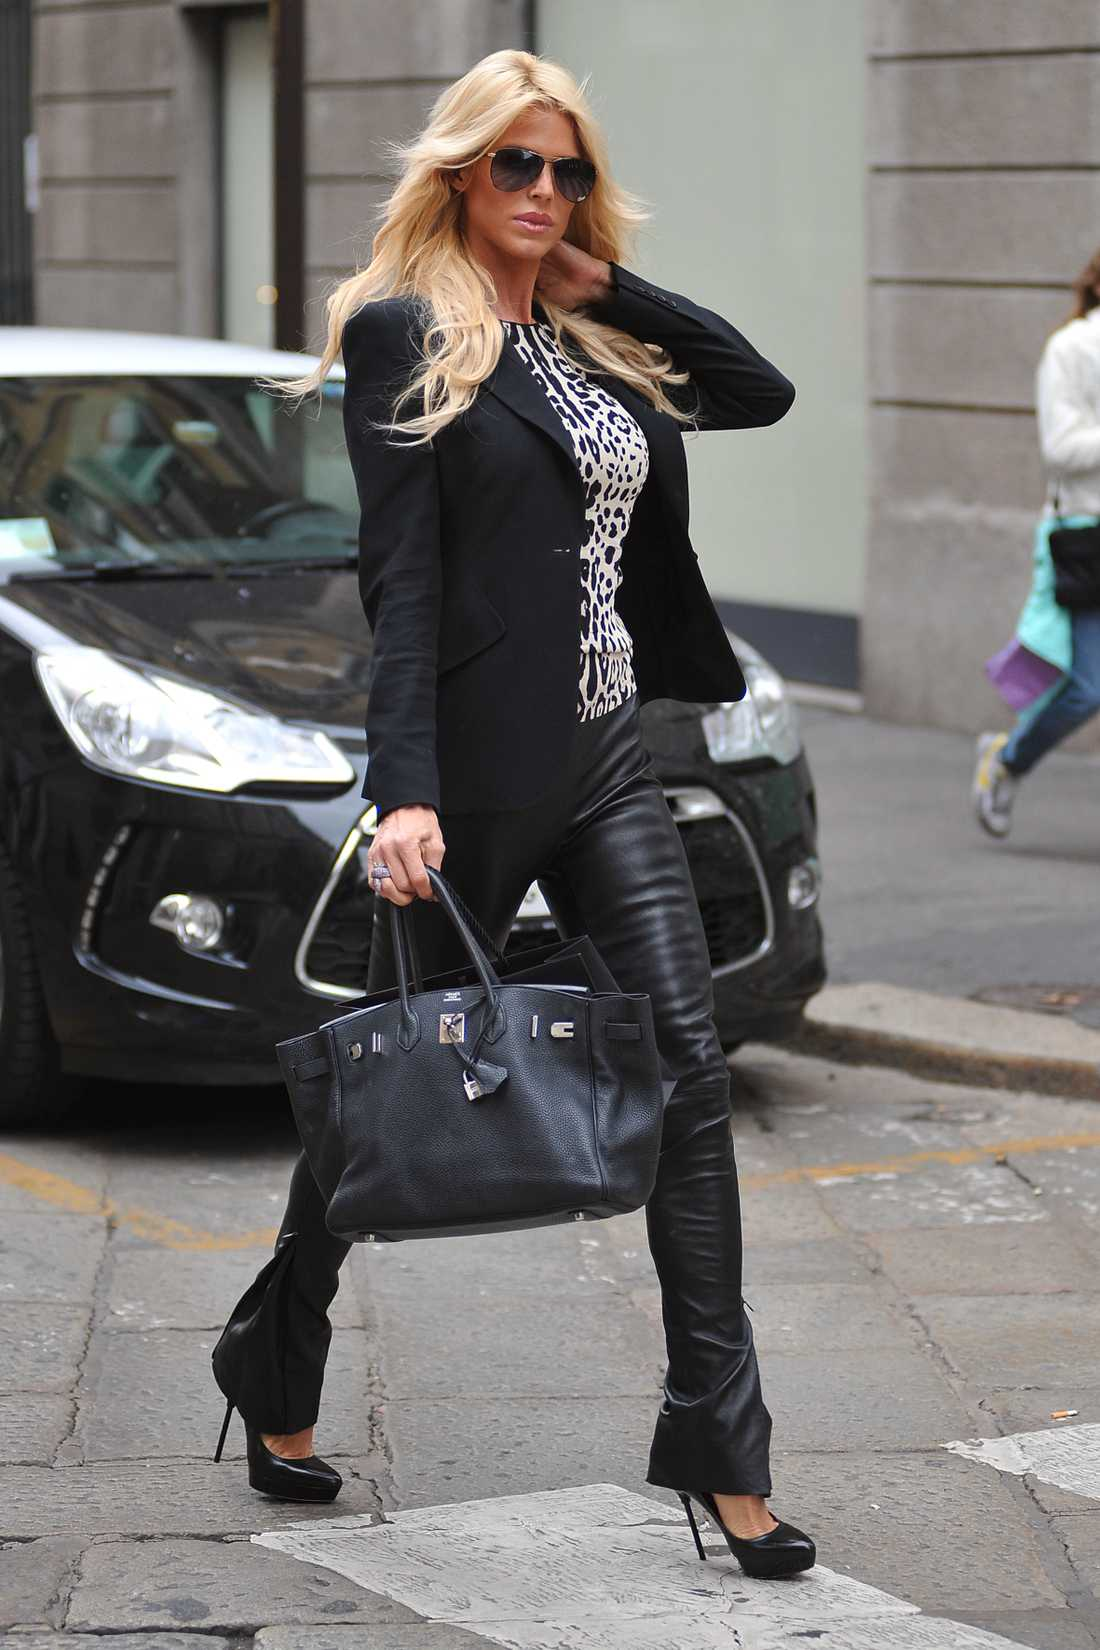 Victoria Silvstedt På extrema klackar shoppade Vickan loss i Milano i sällskap av pojkvännen Maurice Dabbah. Full pott för skinnlooken!